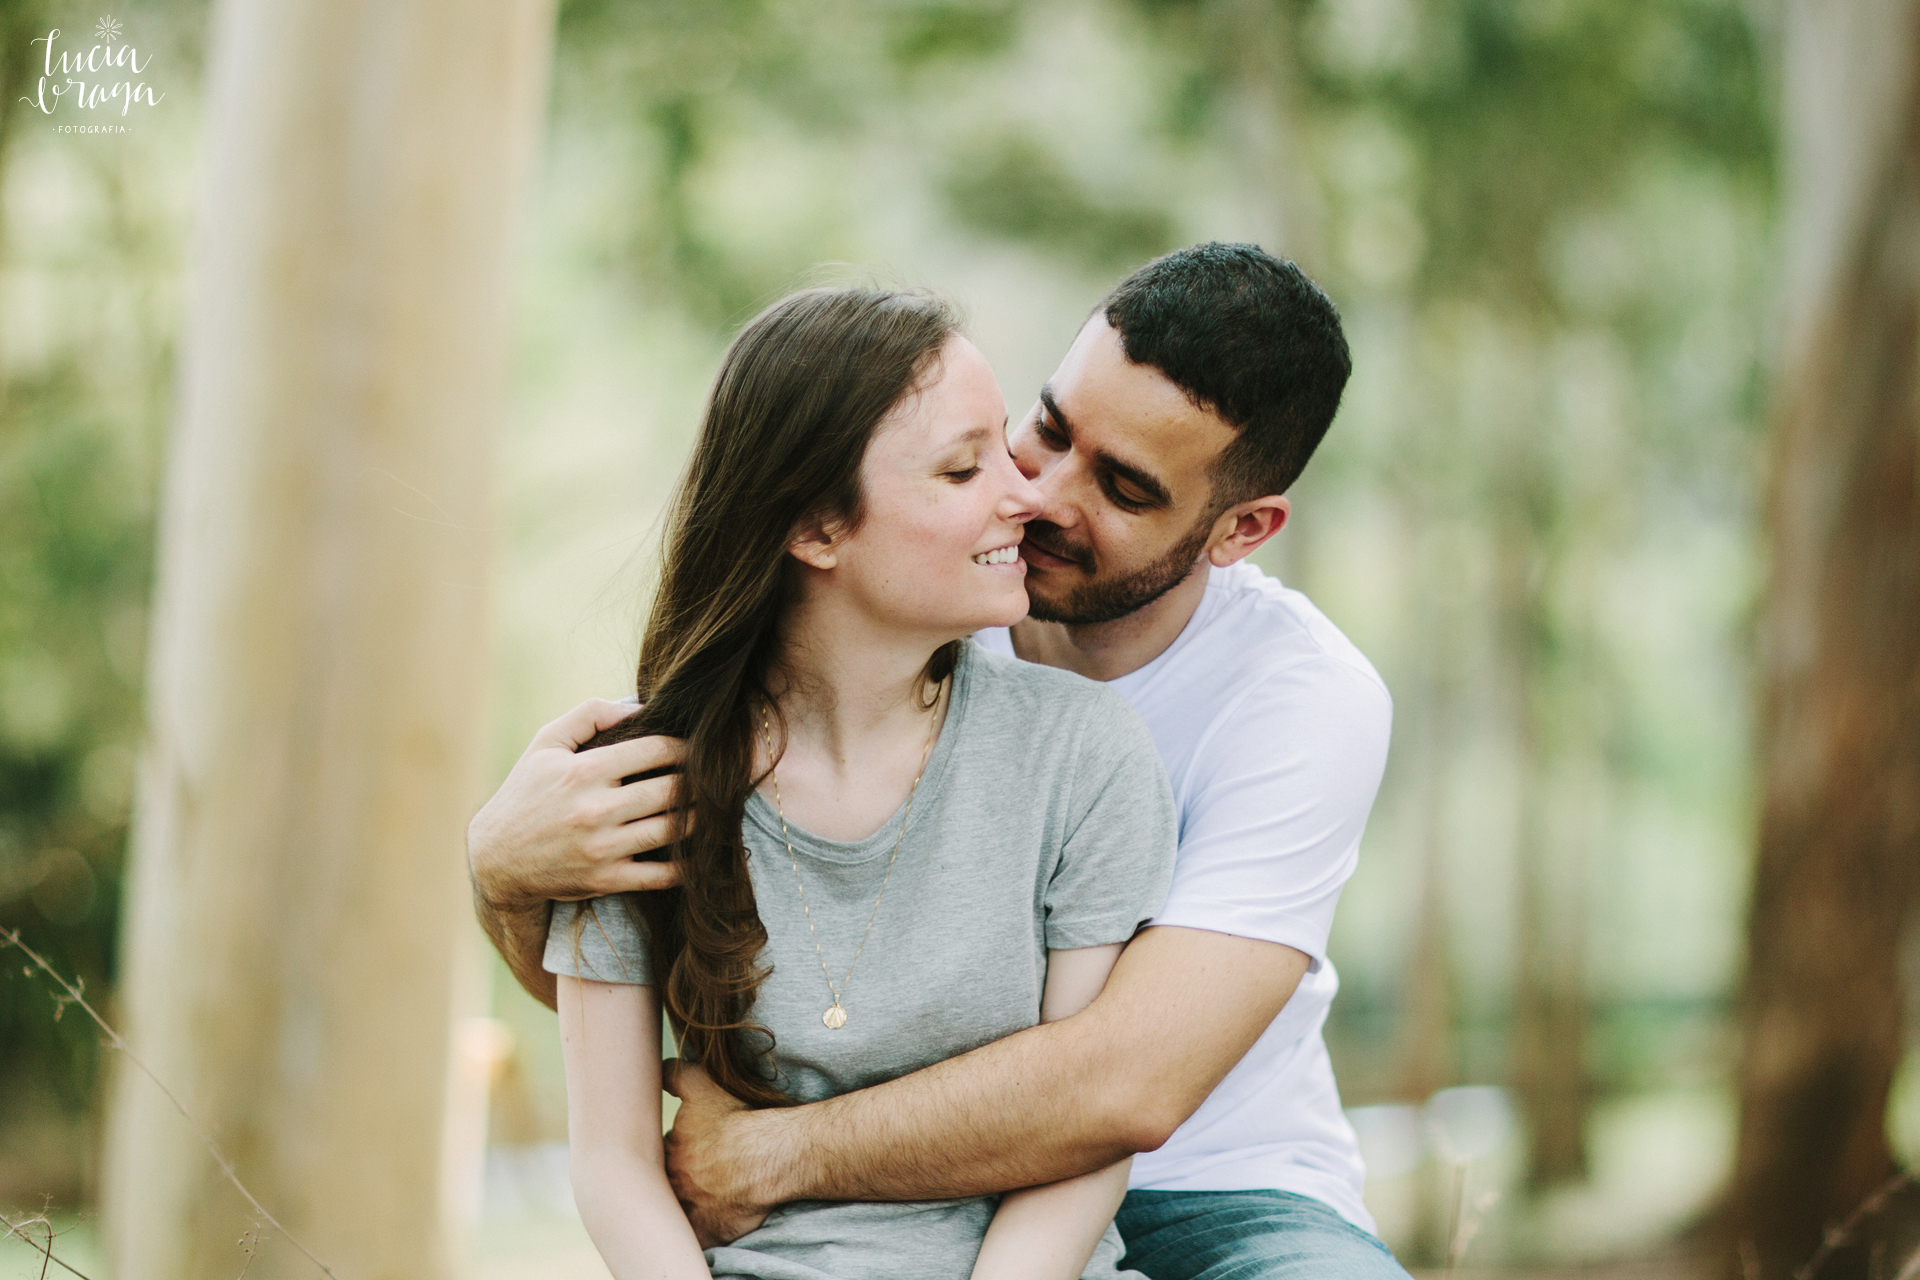 sessão de casal, lucia braga fotografia documental, real life, love, fotografia de casamento, sessão no campo